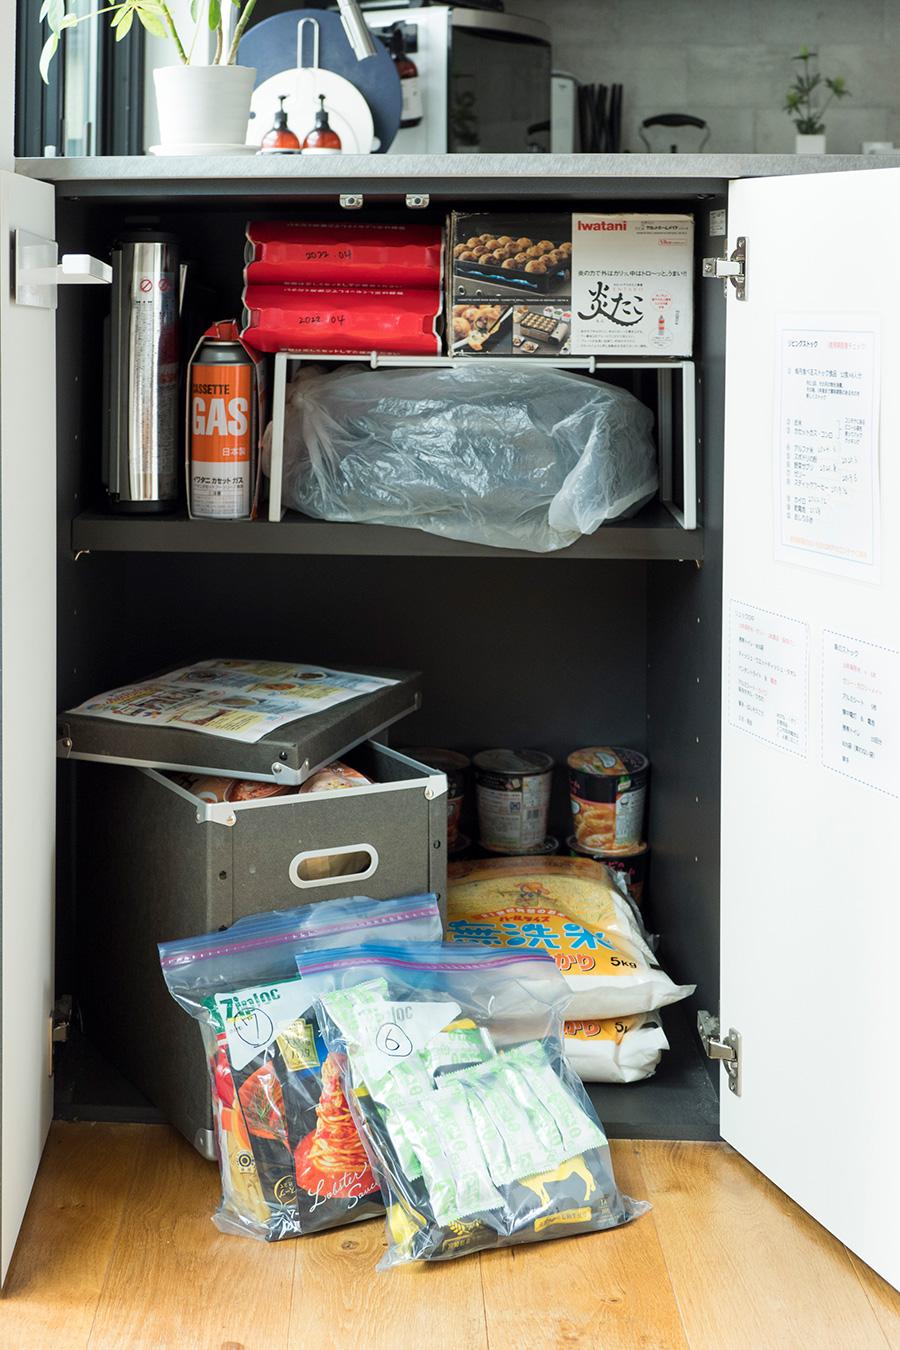 防災用備蓄コーナー。保管しておくだけでなく、普段活用して使い切ることを徹底。扉の裏には、家や車の中にある、他の防災グッズの住所が書かれたものを貼っている。